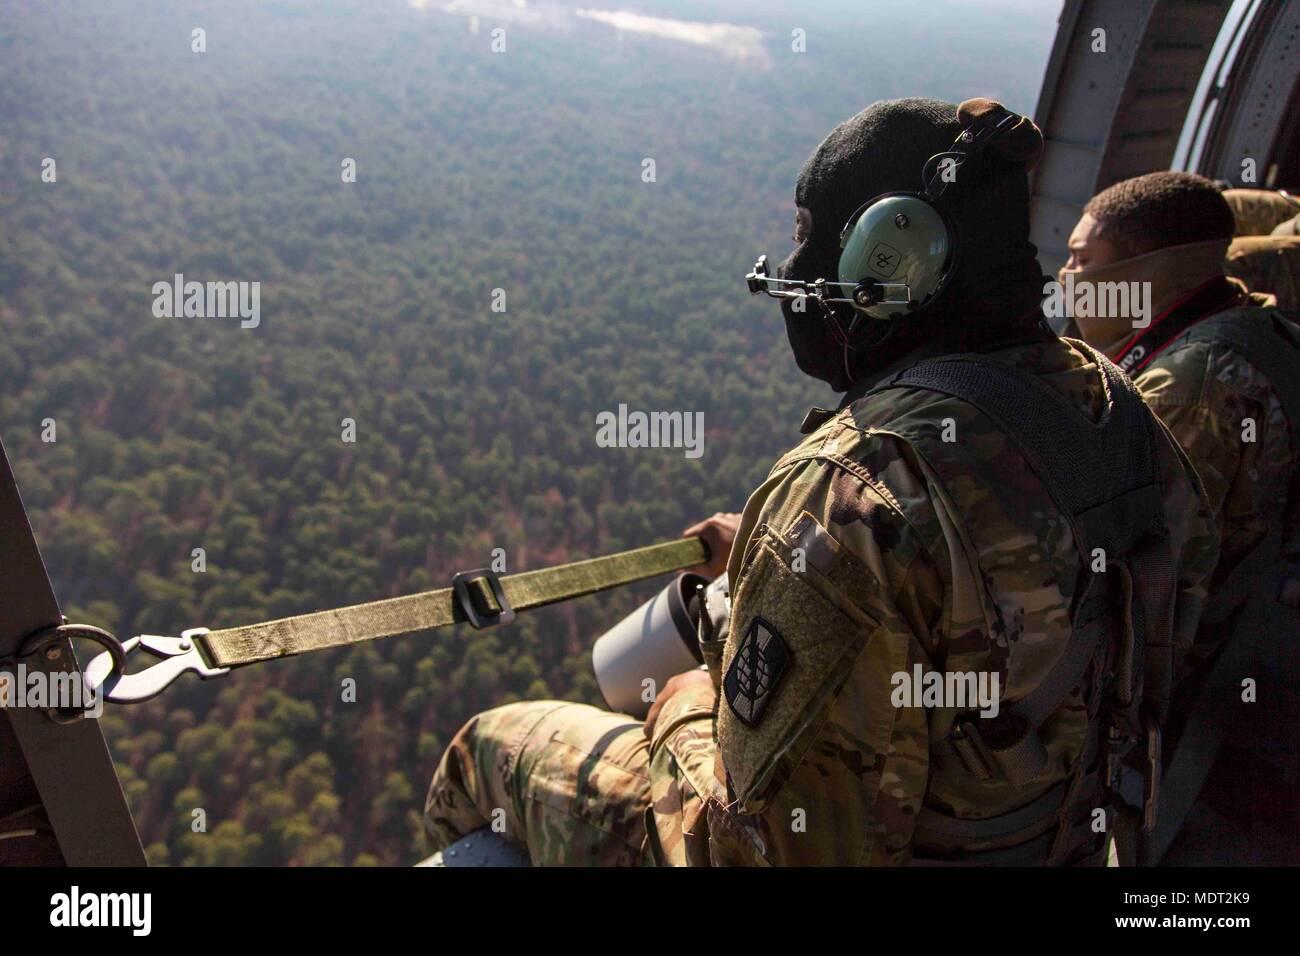 Wunderbar Beispiele Für Militär Bis Zivil Fortsetzen Bilder ...